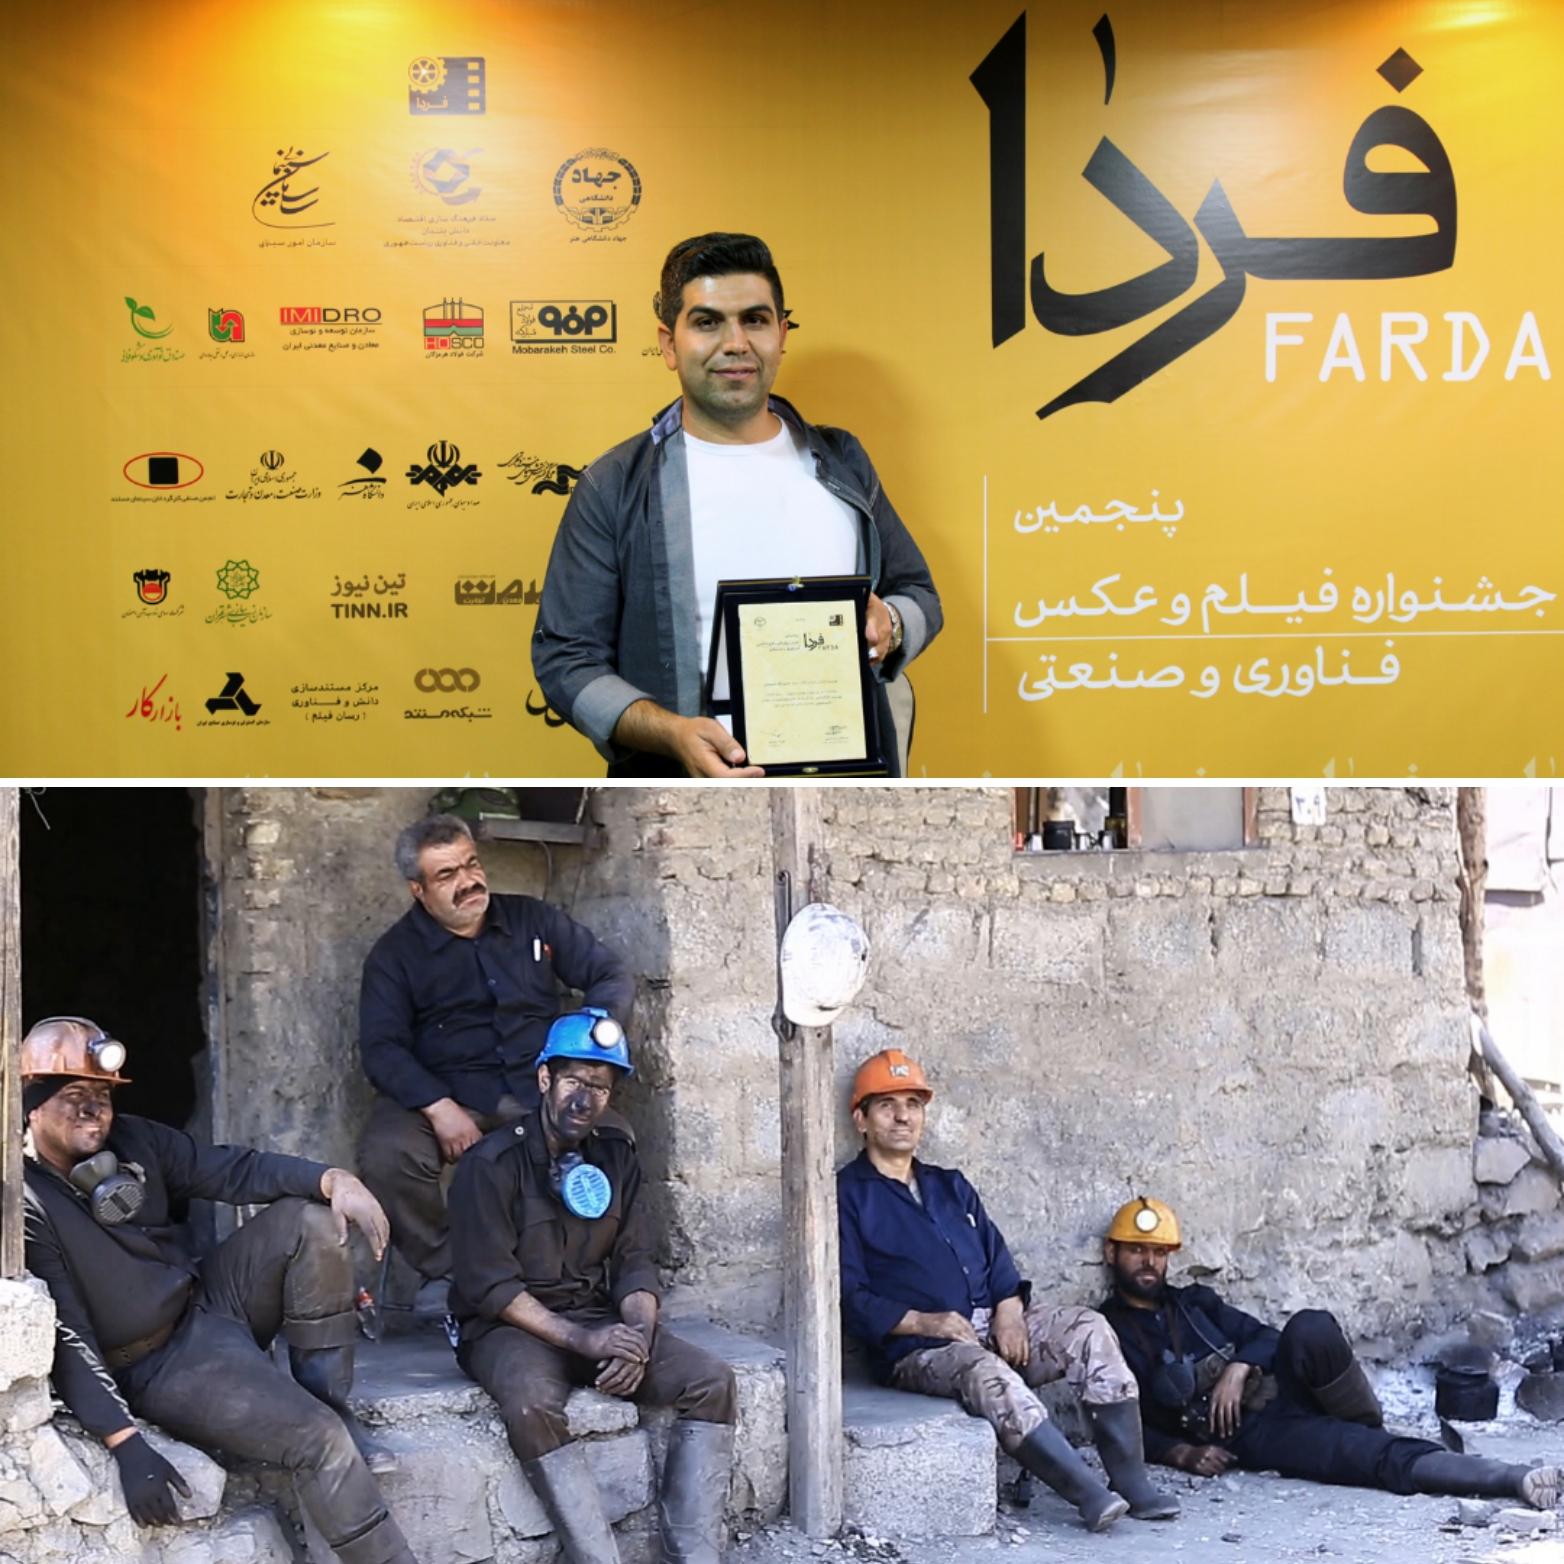 موفقیت روابط عمومی ذوب آهن اصفهان در پنجمین جشنواره فیلم و عکس صنعتی فردا